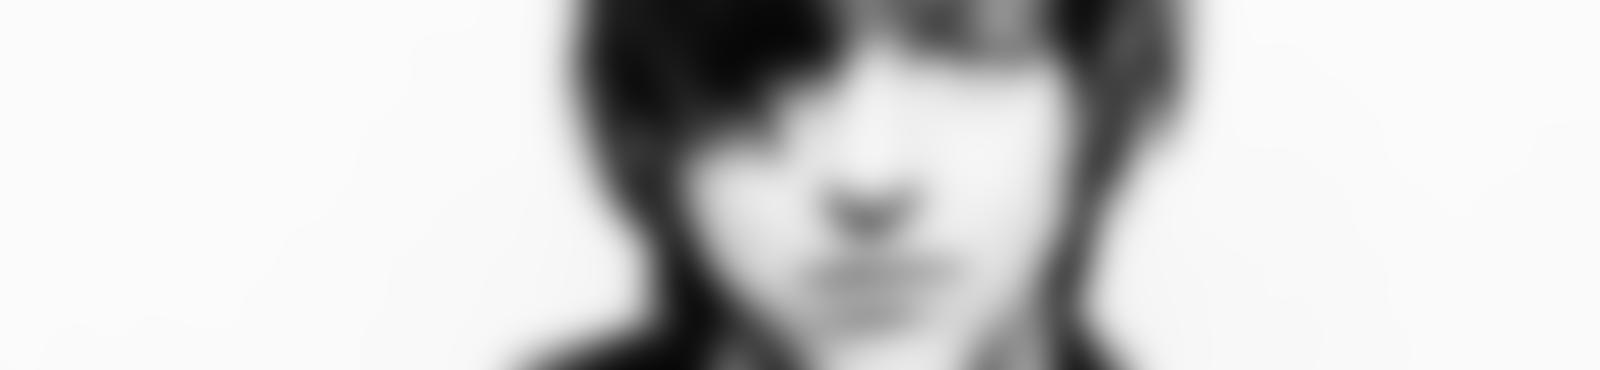 Blurred 4c74f94a c12d 4c3f bdc1 f38d15414774